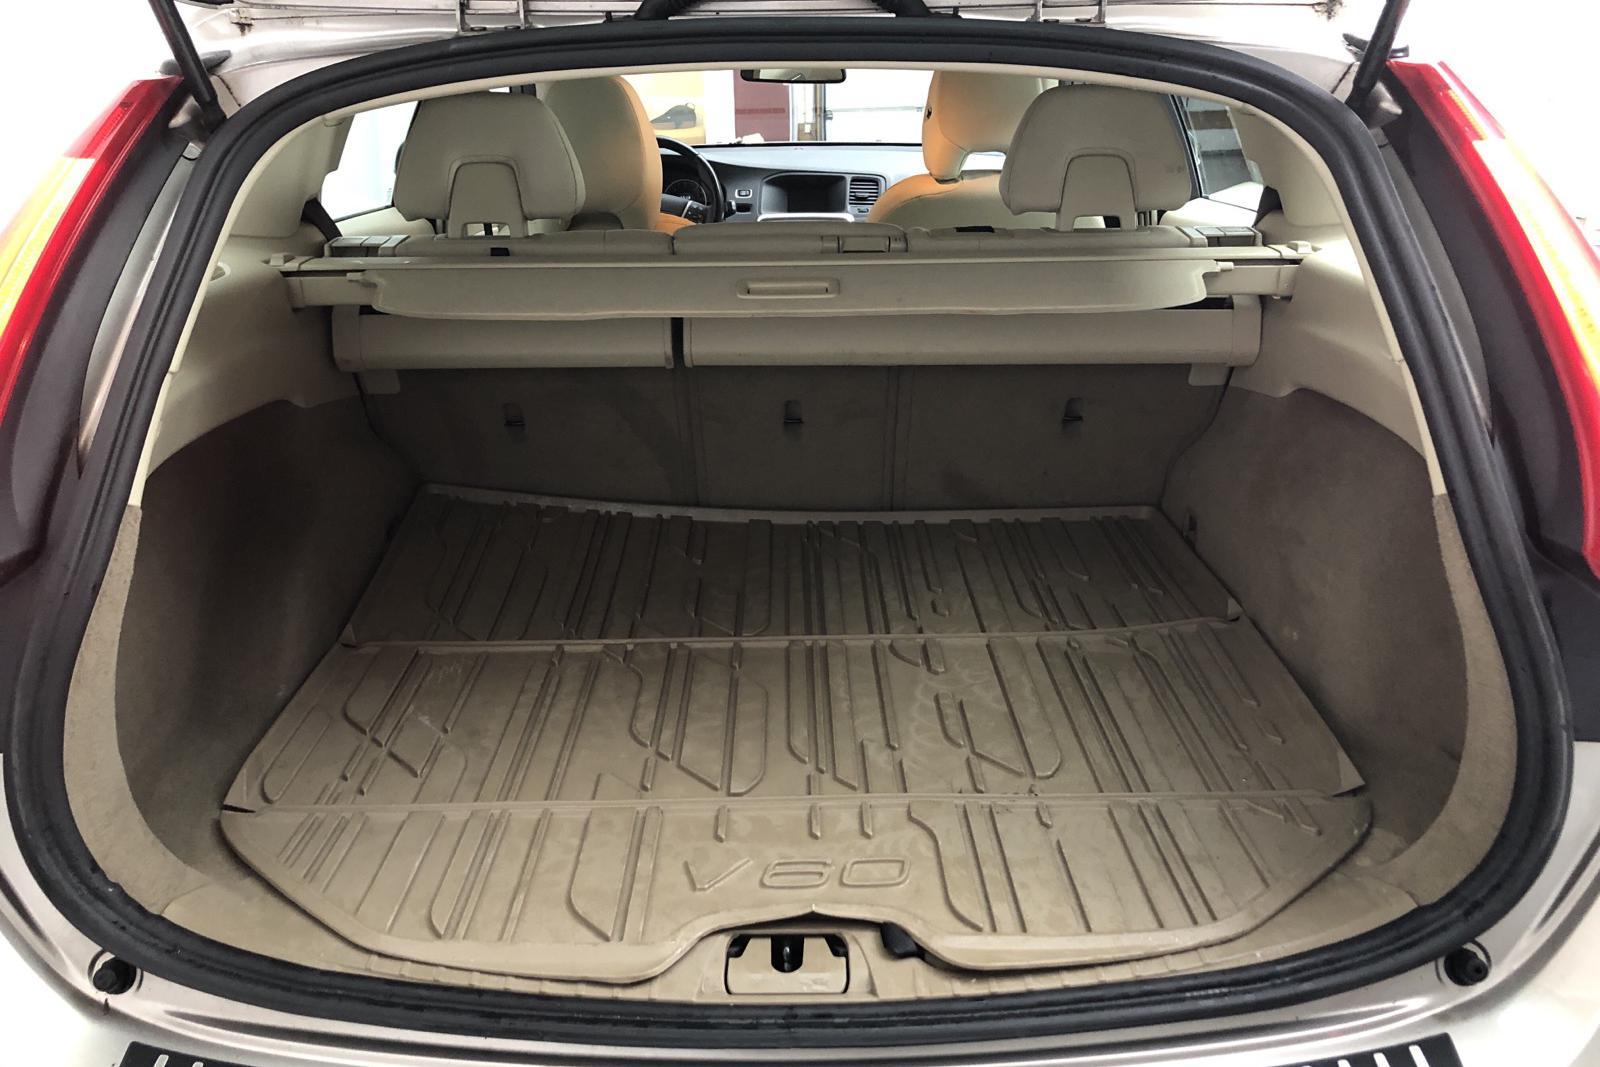 Volvo V60 1.6D DRIVe (115hk) - 12 567 mil - Manuell - Light Brown - 2012